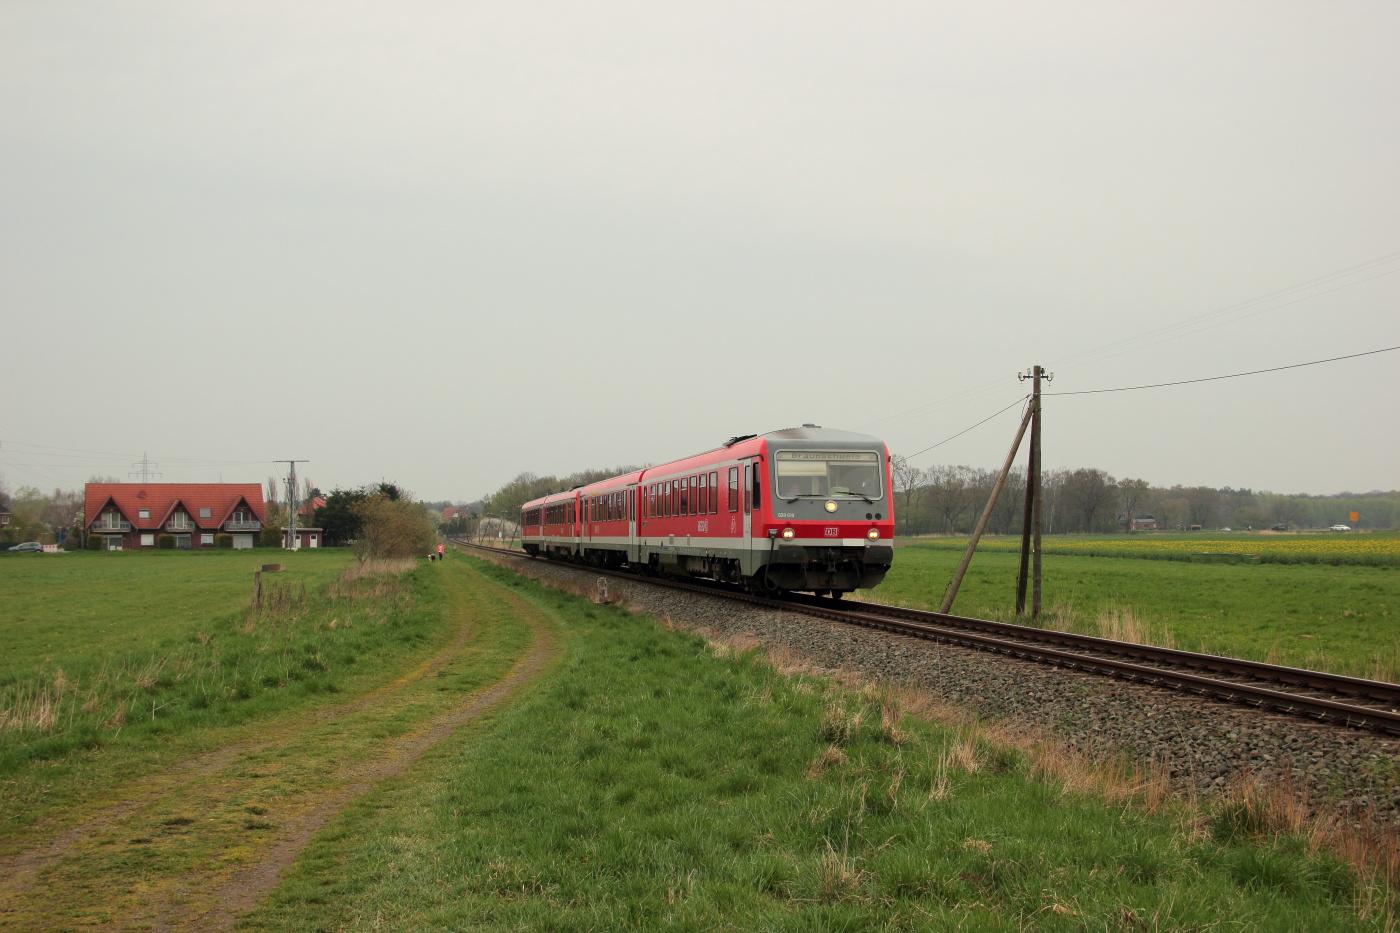 http://www.nachtbahner.de/Fotos/2014-04-05%20M%c3%bchlenbahn/k-IMG_2613%20KBS%20115%20M%c3%bchlenbahn%2005.04.14%20(9).JPG